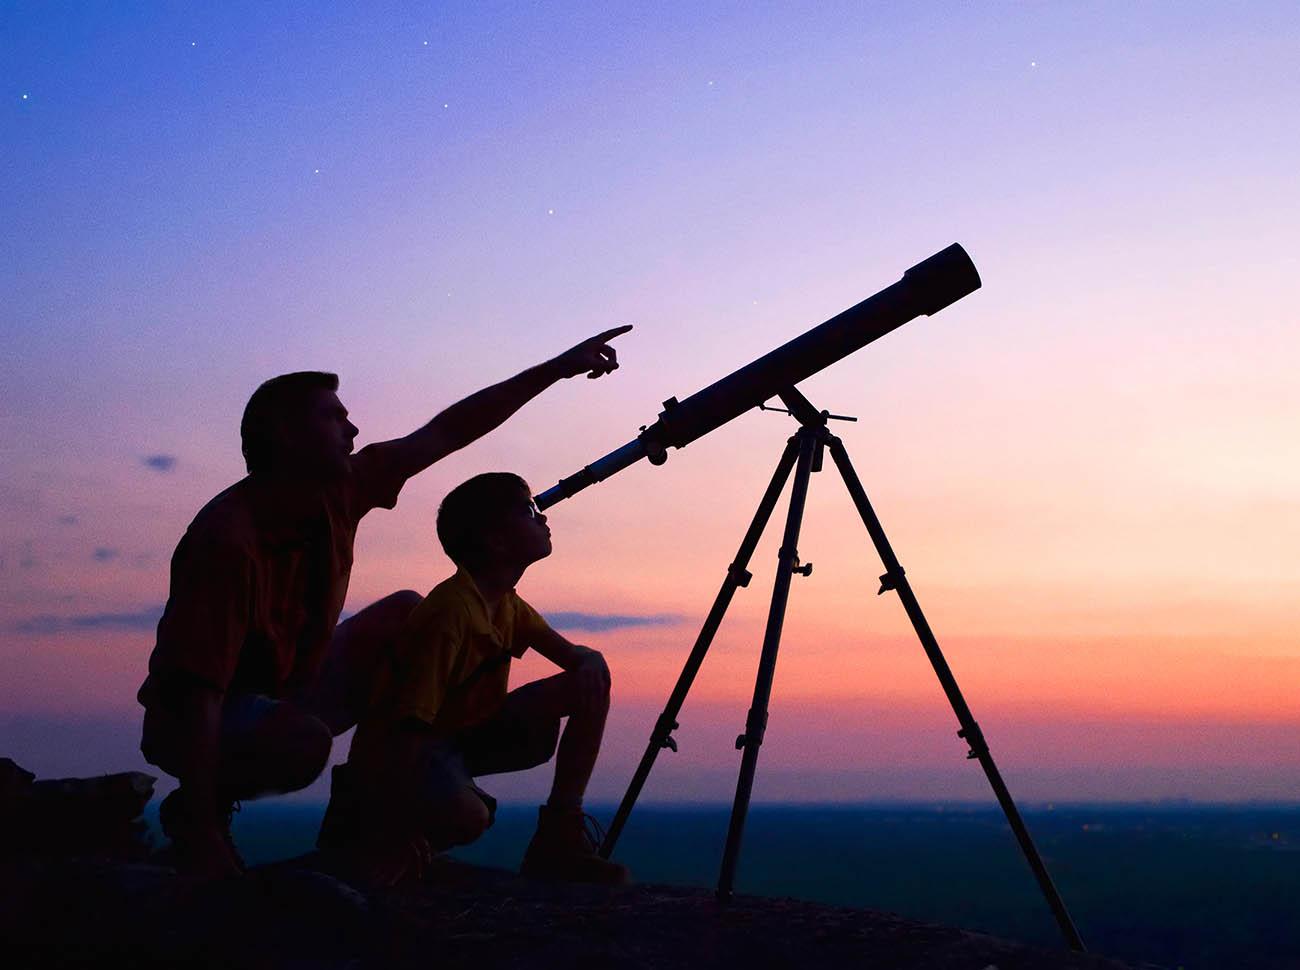 telescopephotoone.jpg